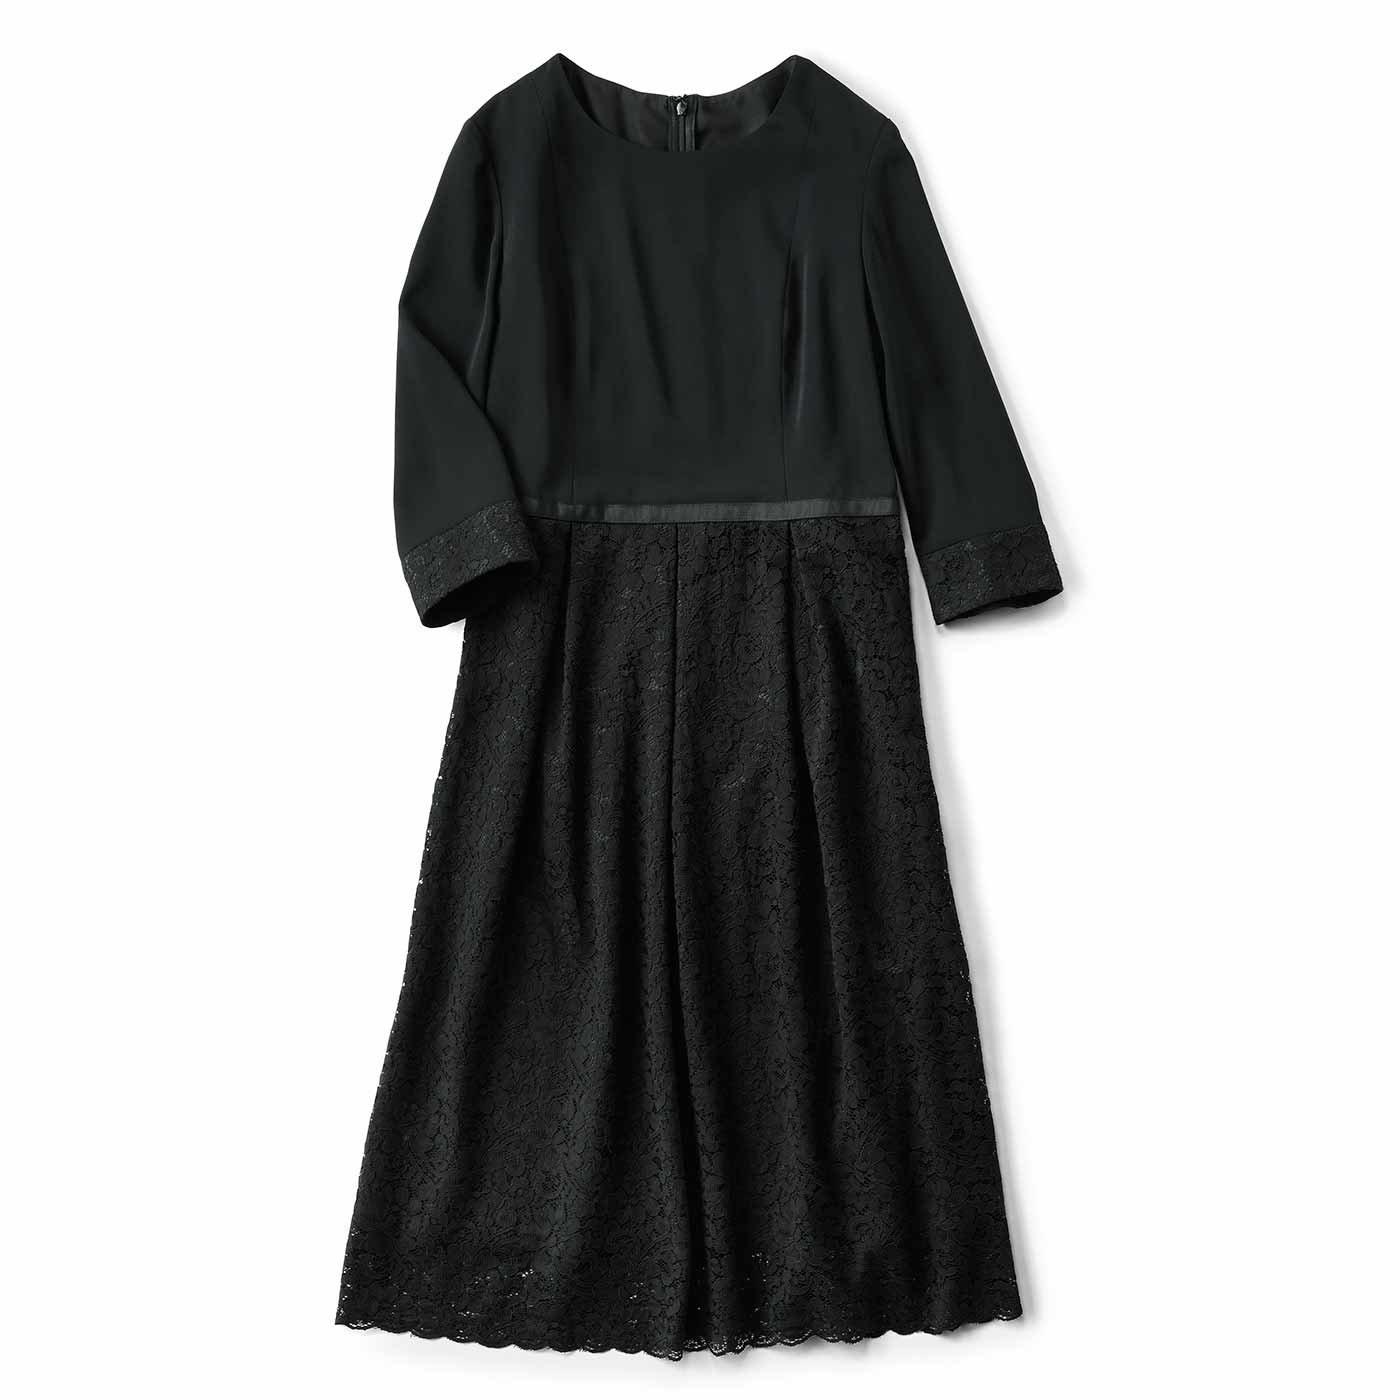 IEDIT[イディット] 繊細レースを贅沢にあしらった上品ワンピース〈ブラック〉